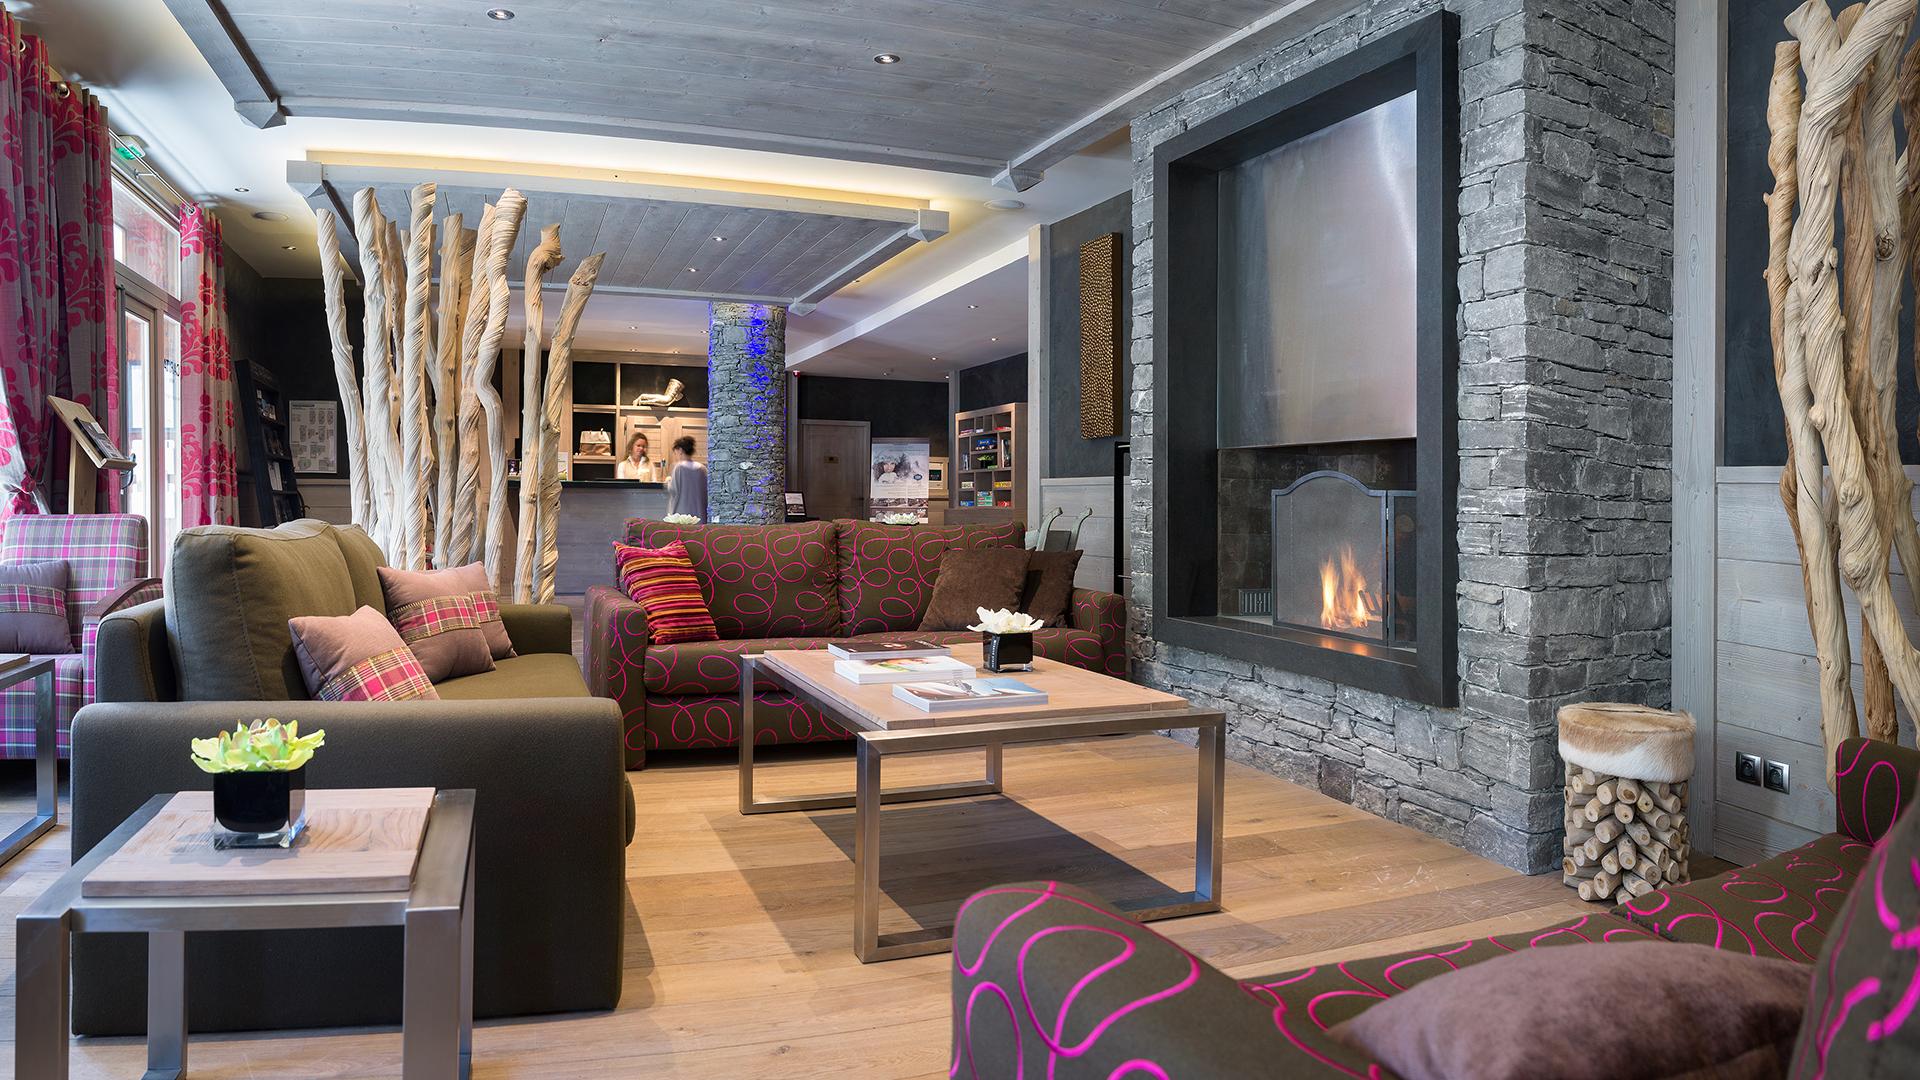 Réception, Le Lodge Hemera - CGH Résidences